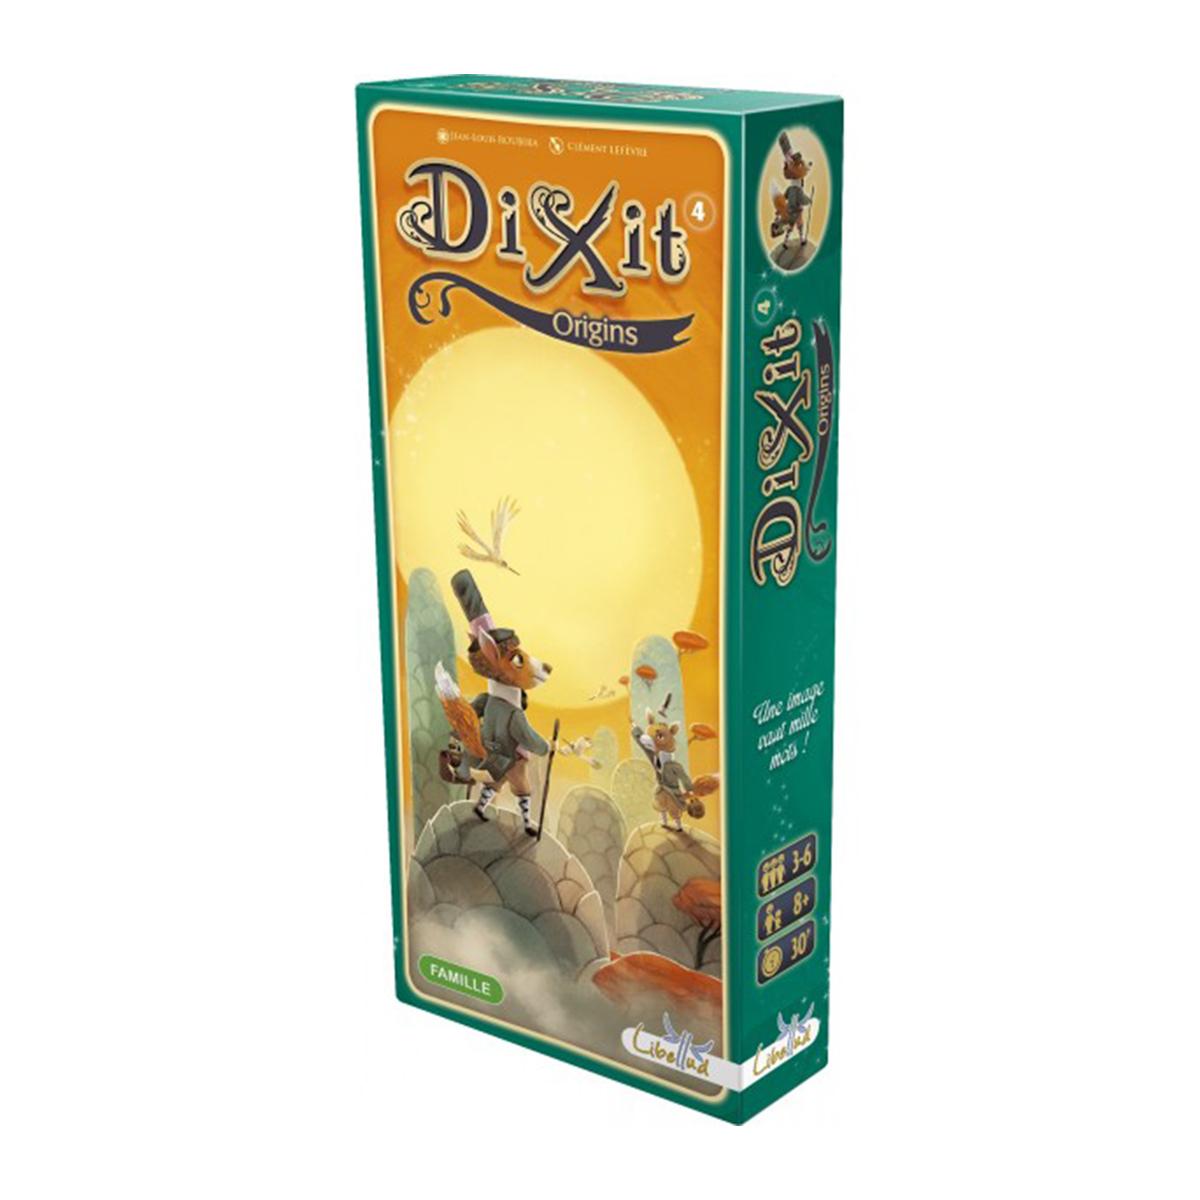 Dixit Origins - Extension 4